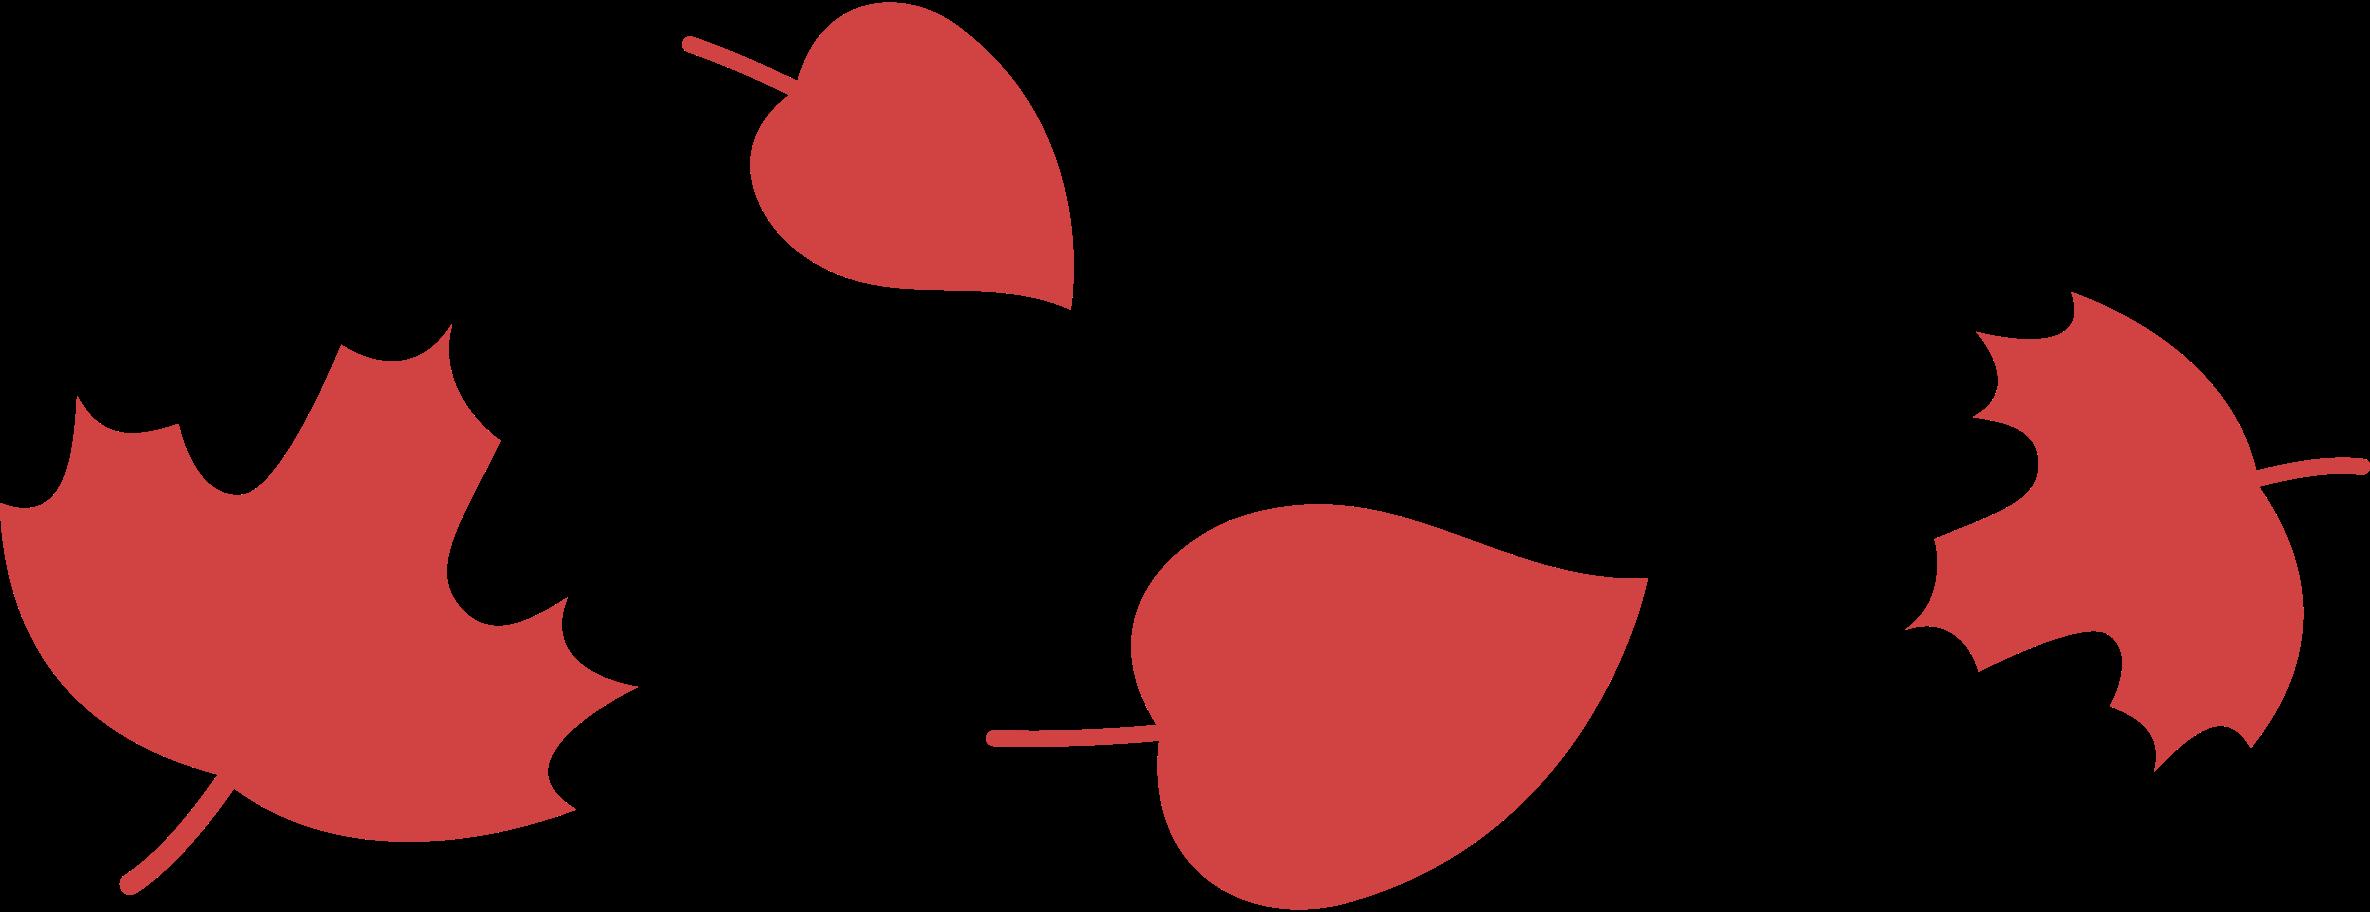 Ilustración de clipart de hojas en PNG, SVG